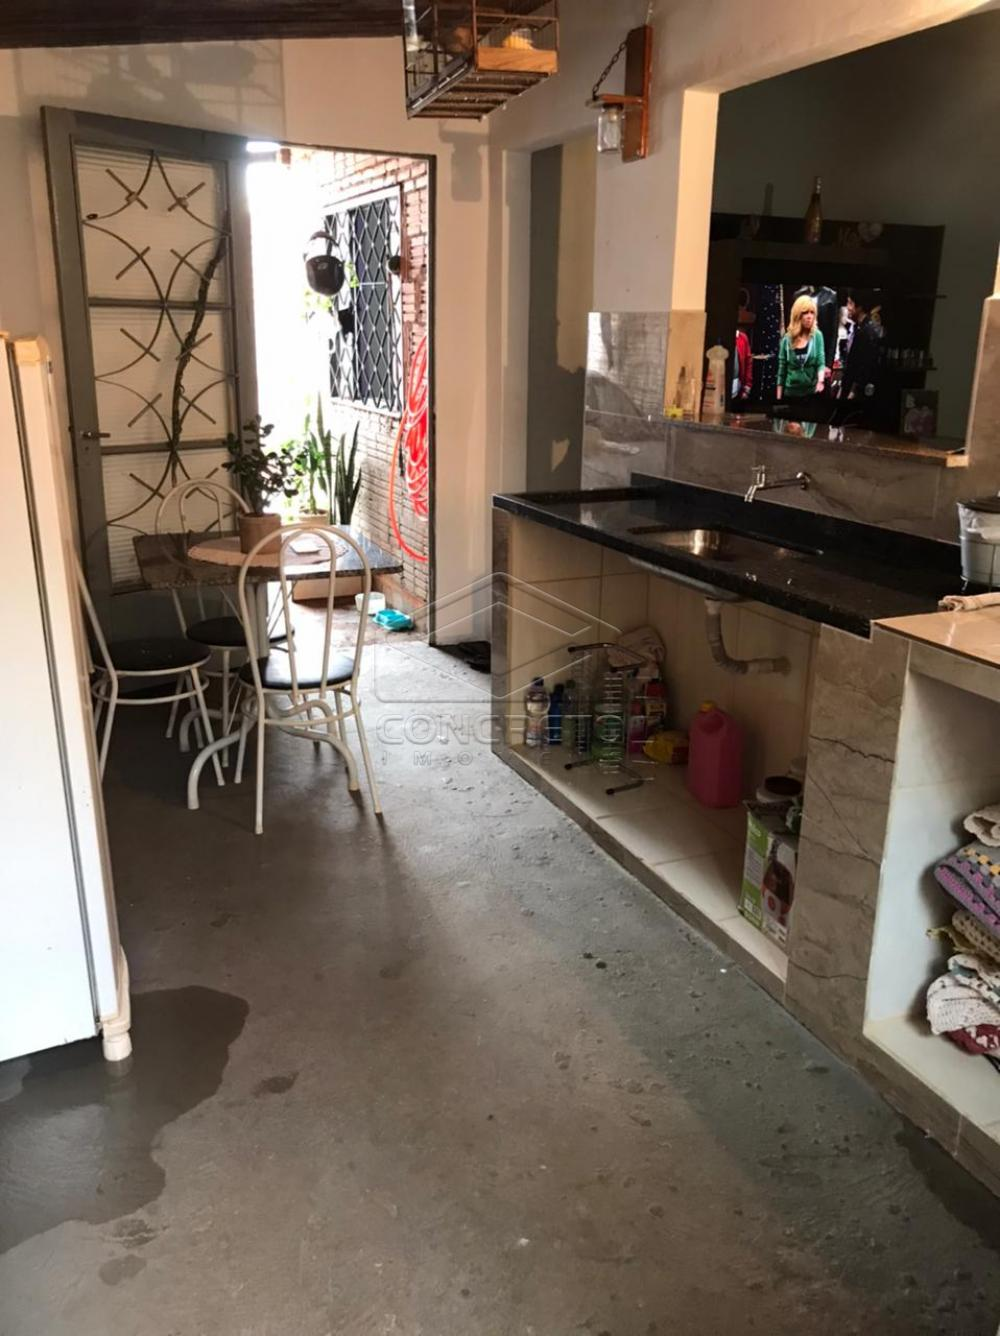 Comprar Casa / Residencia em Jaú apenas R$ 130.000,00 - Foto 6